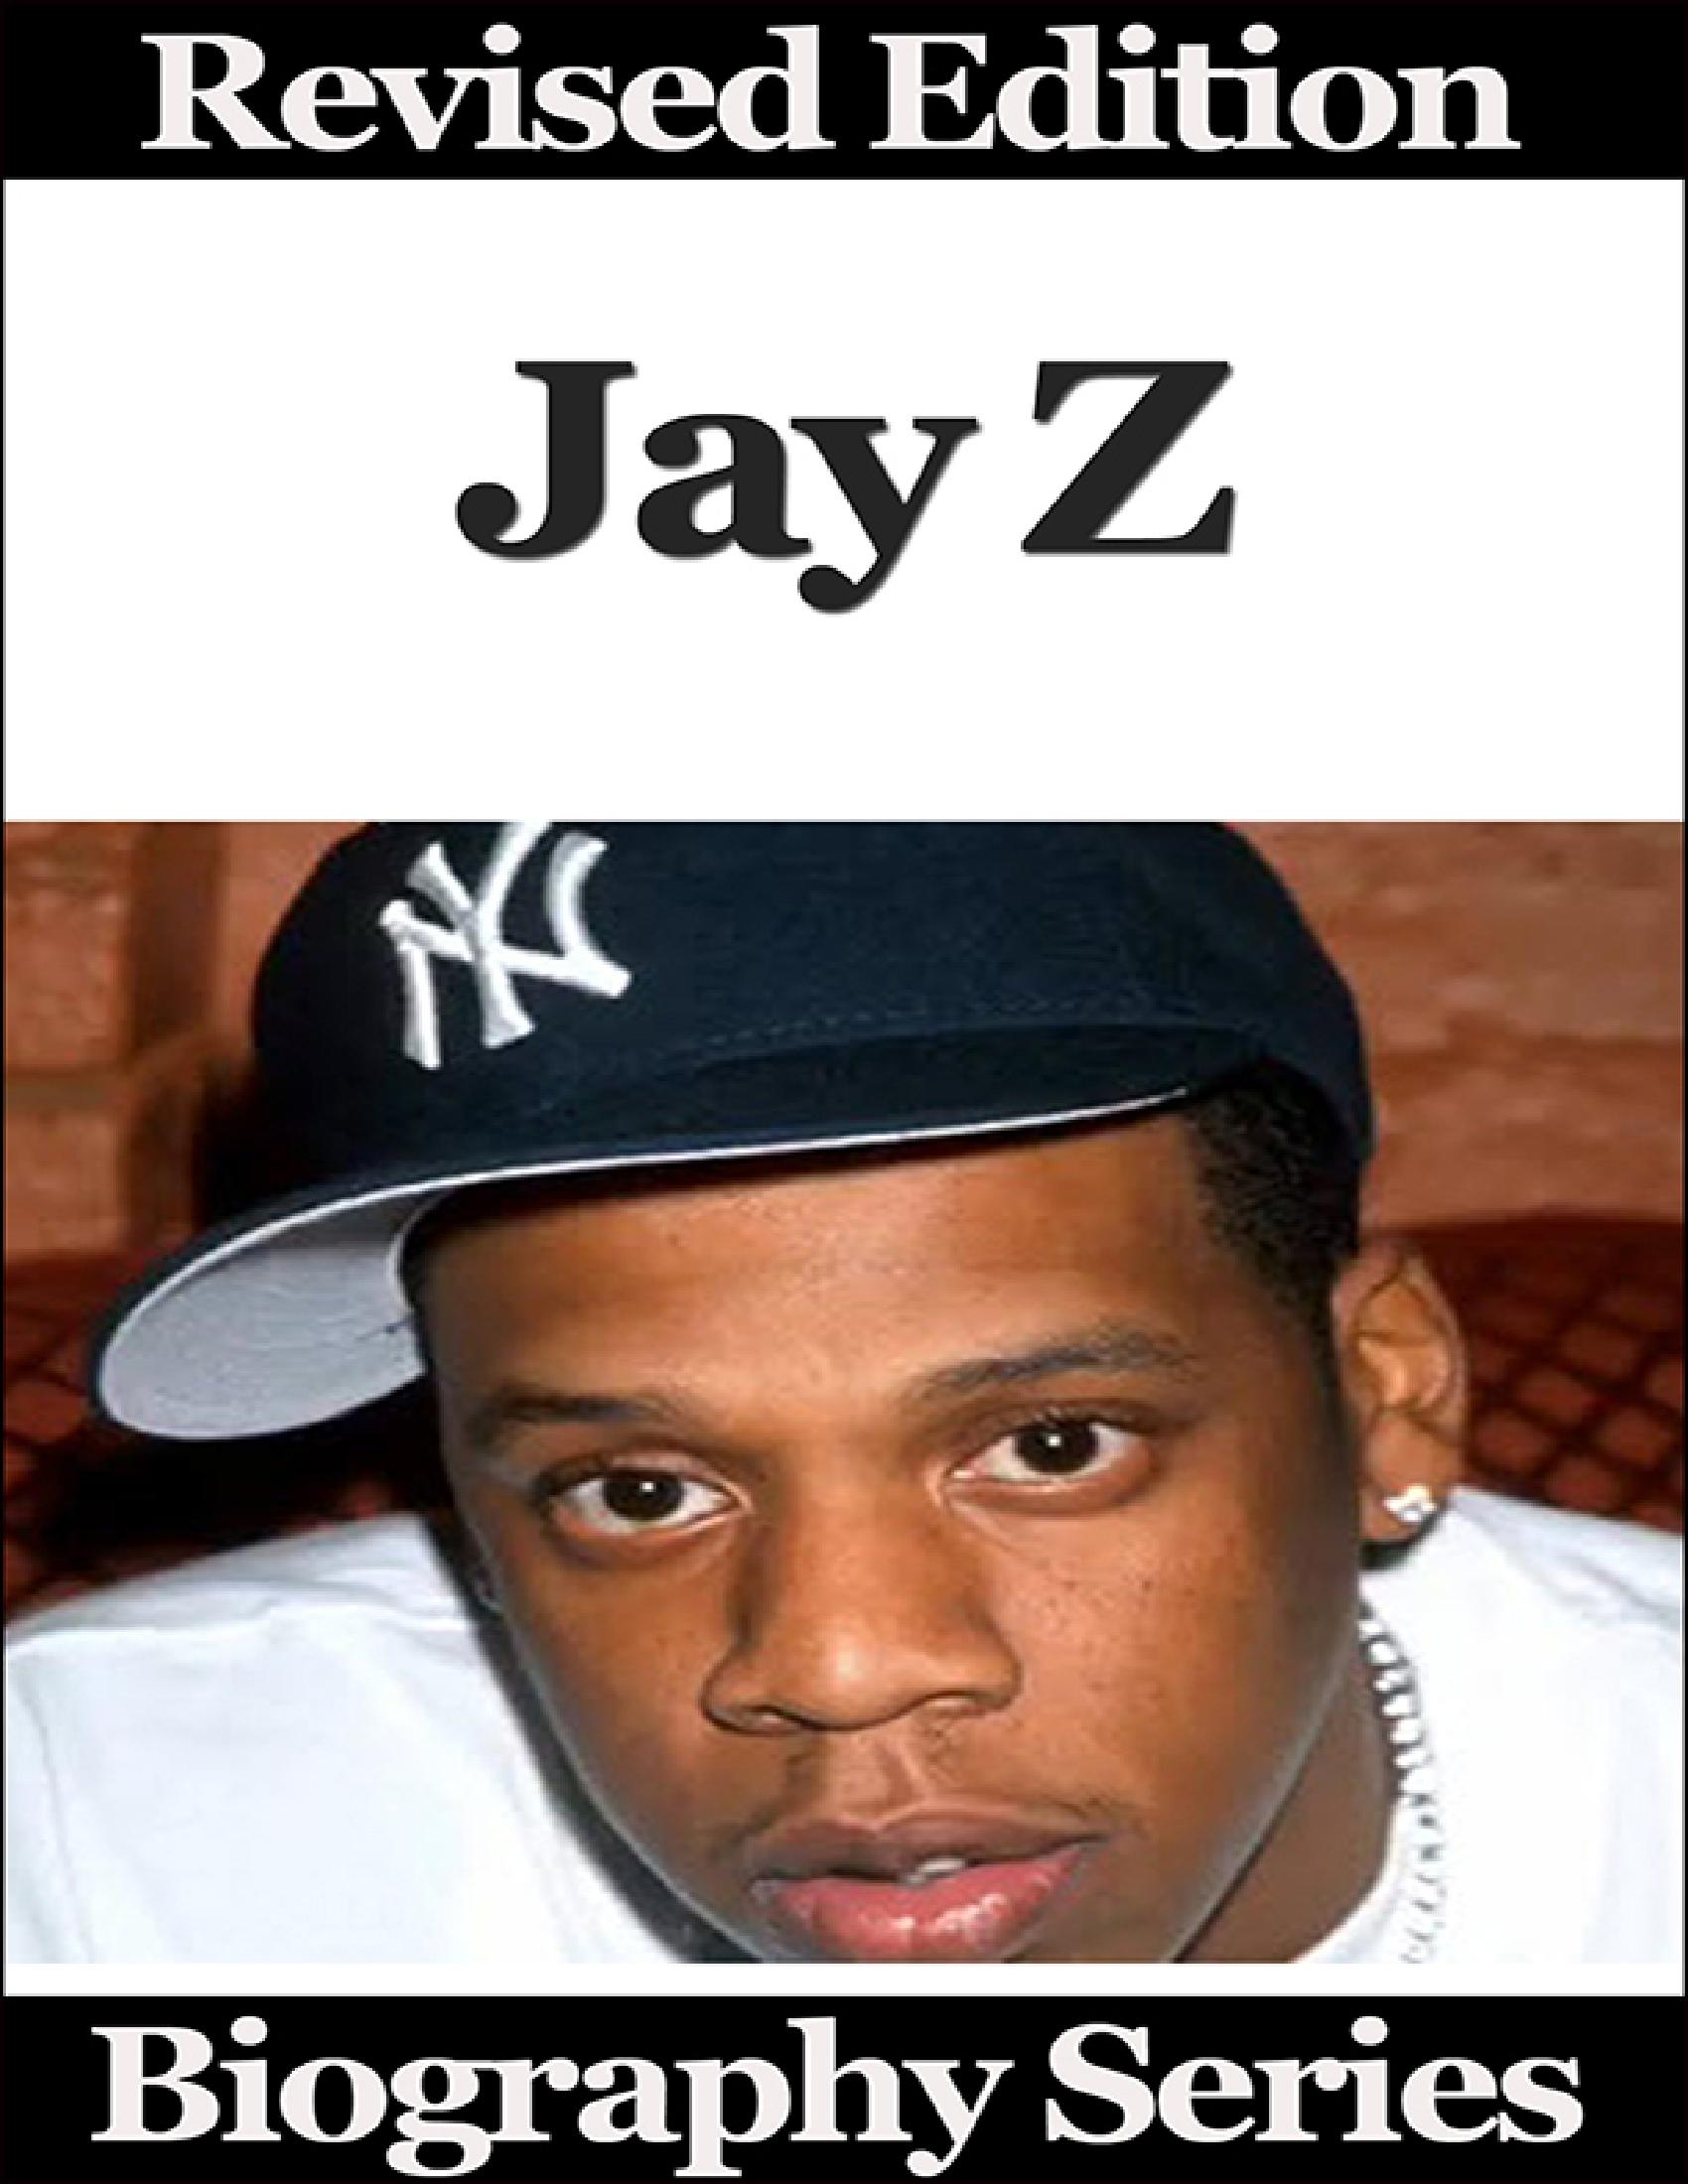 a biography of jay z